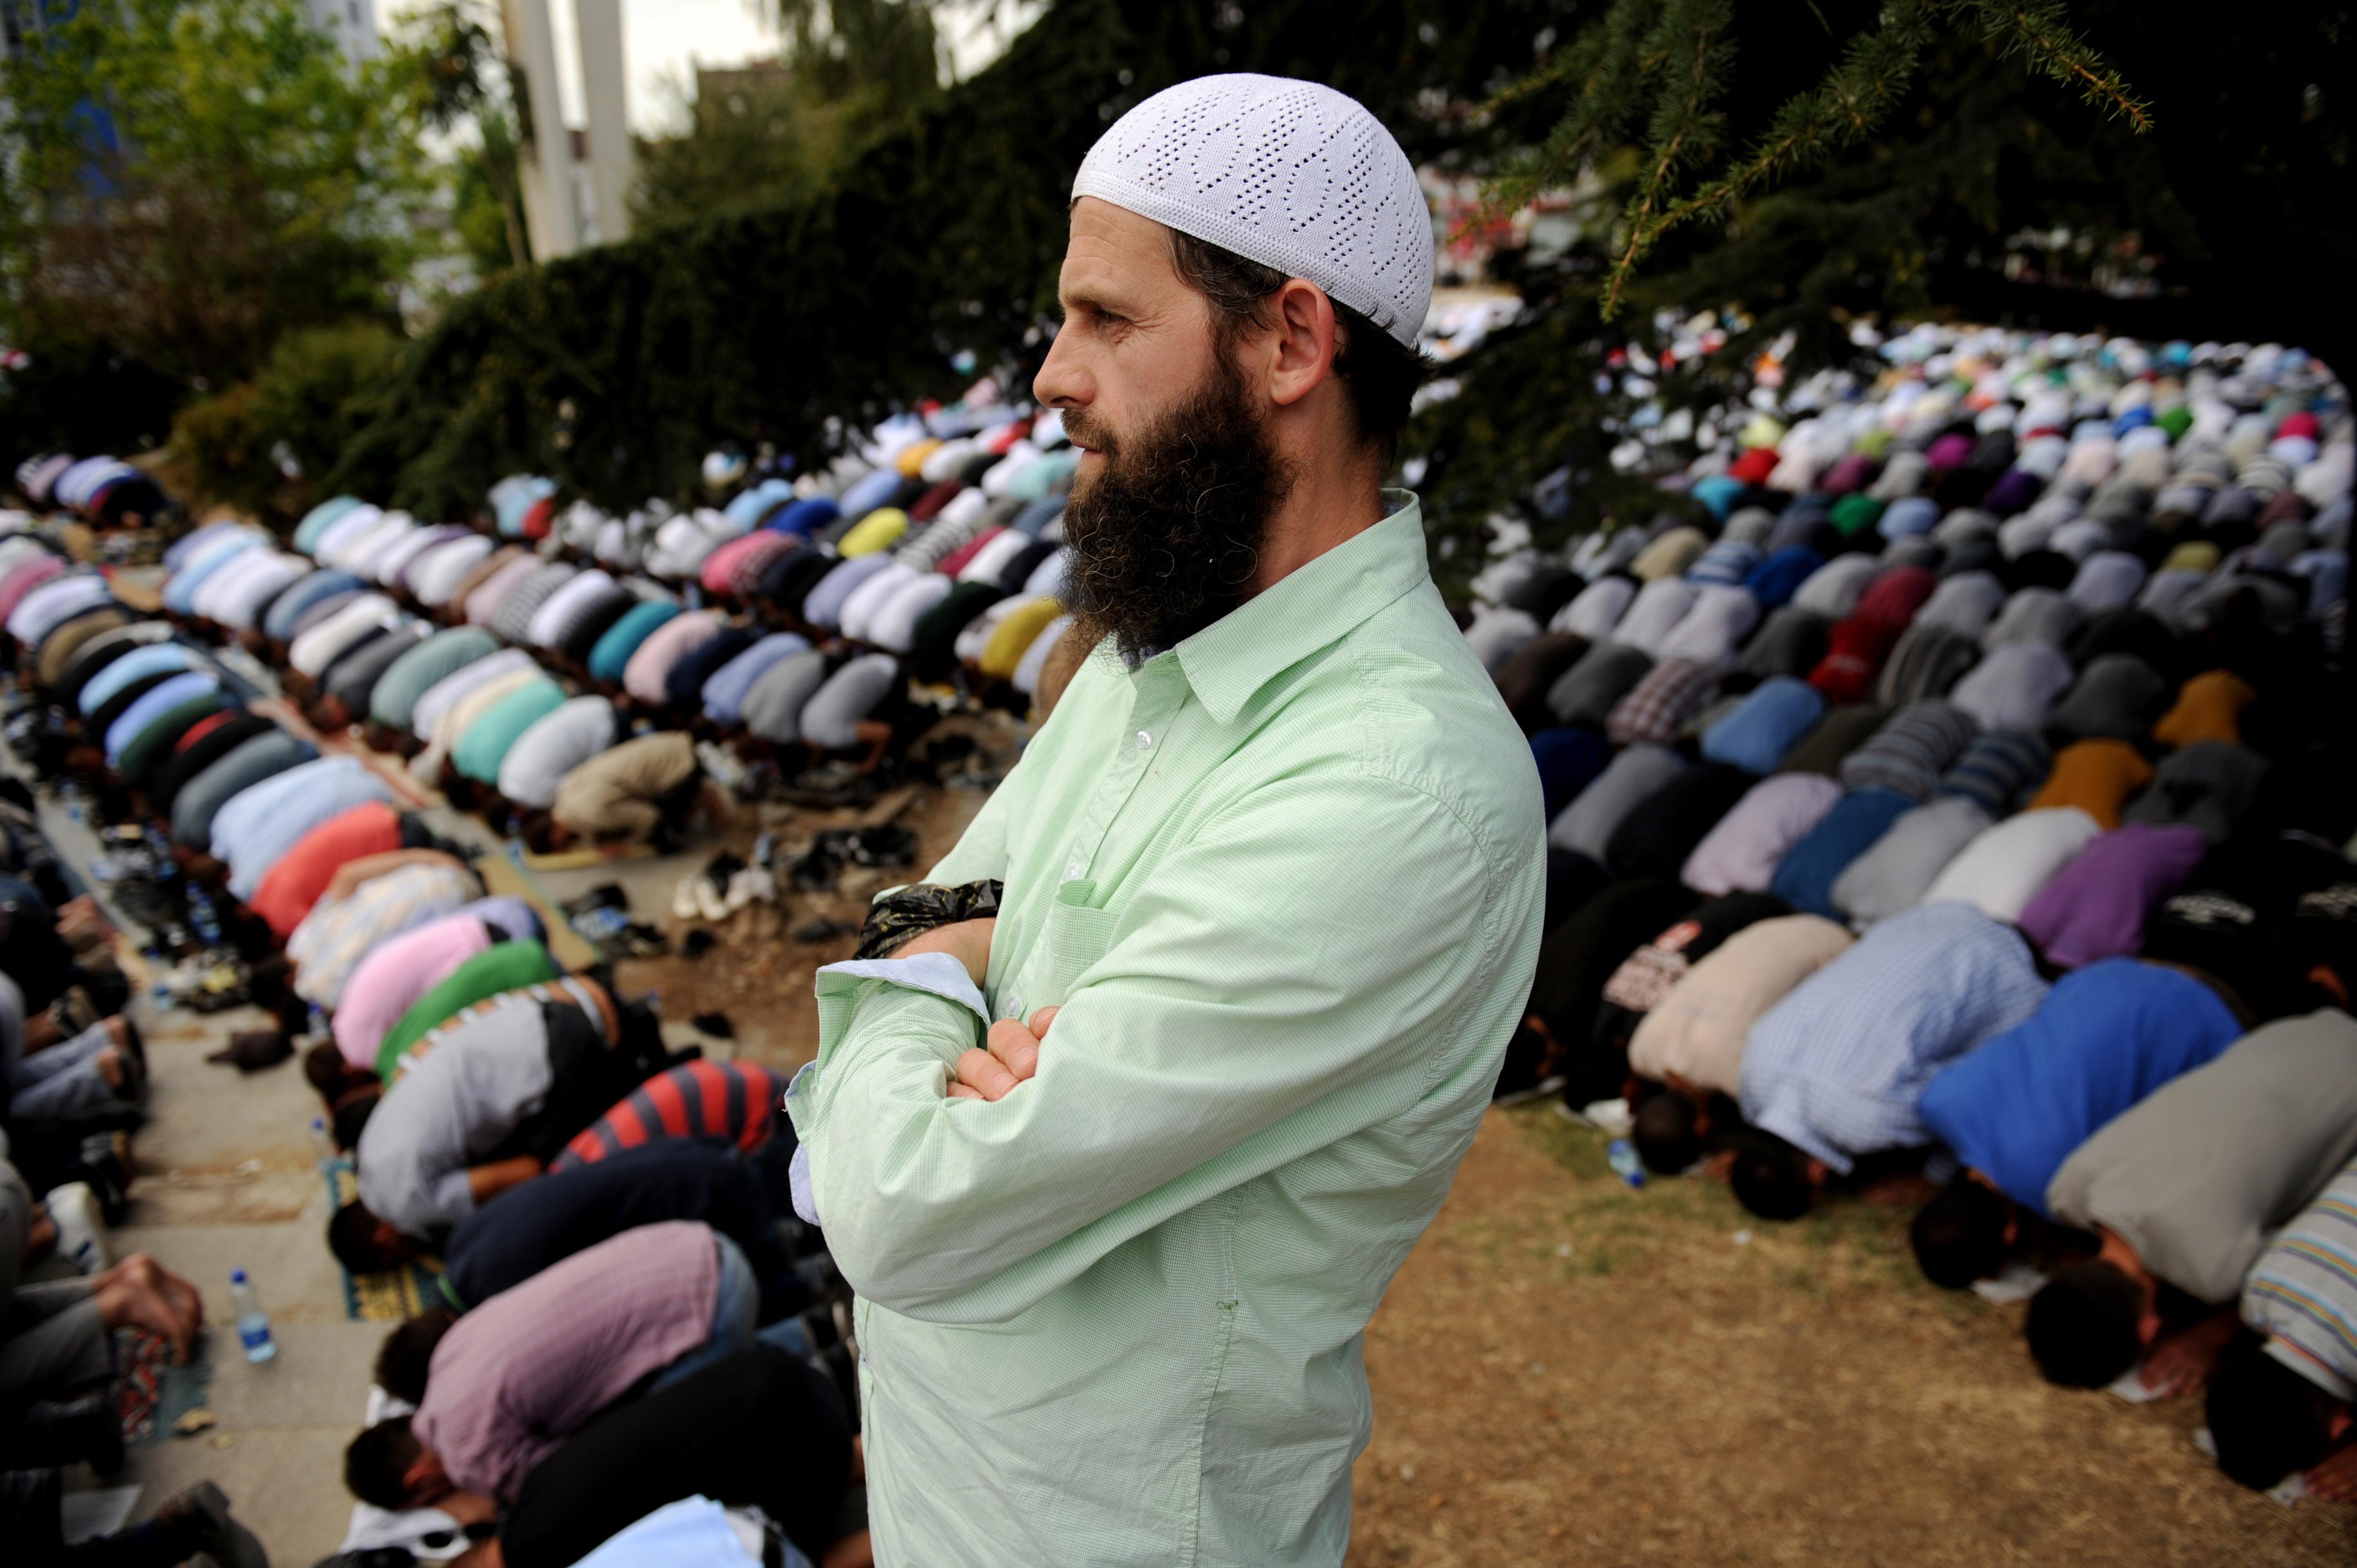 egy muszlim pénisz